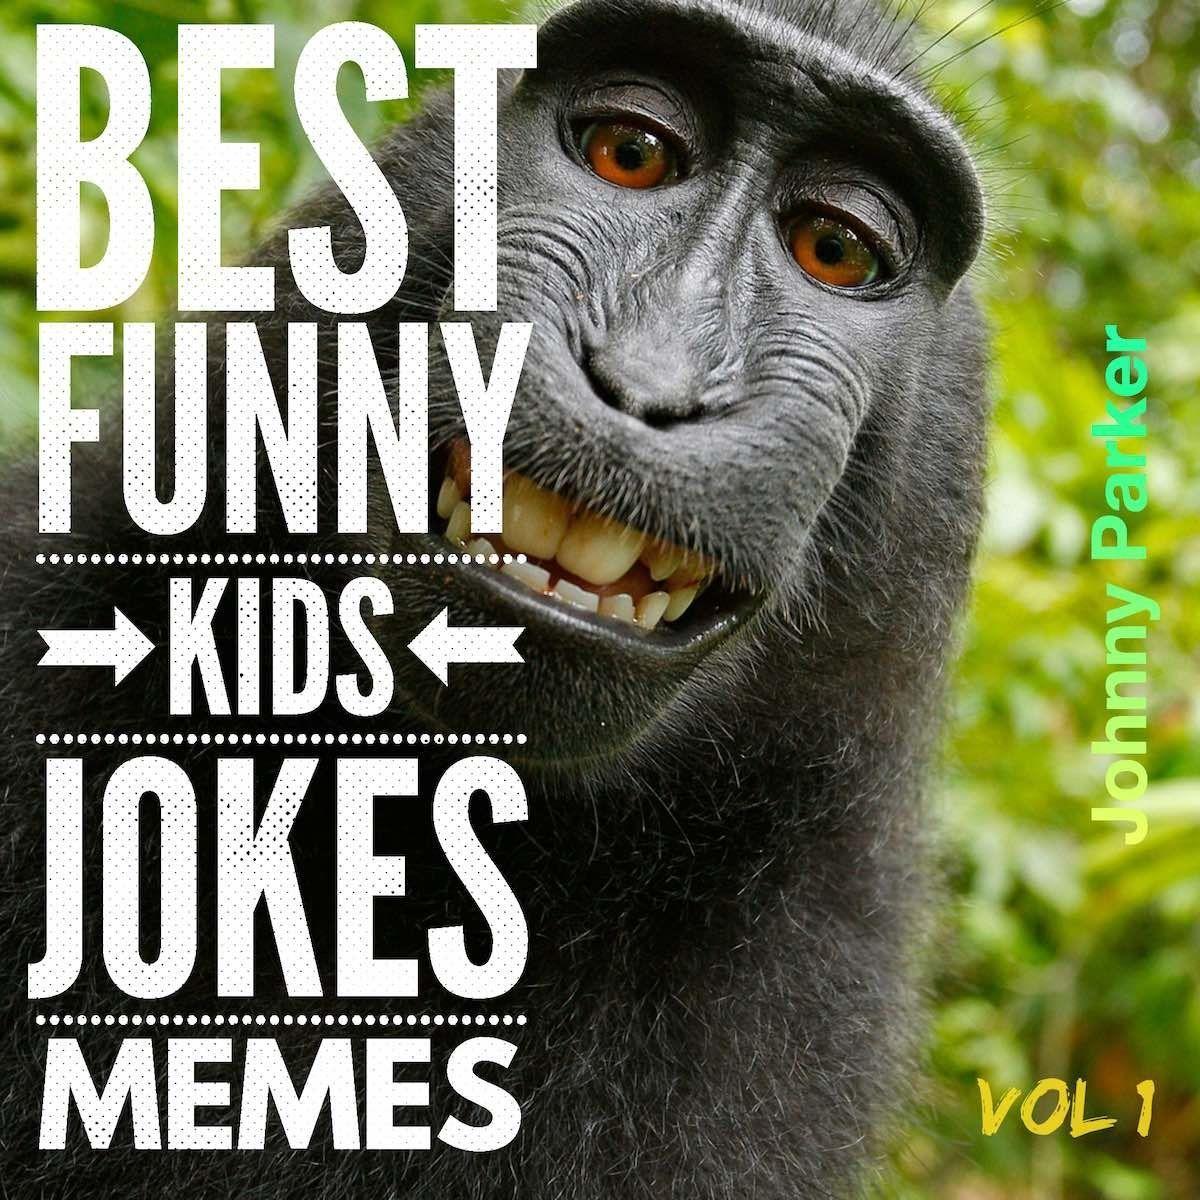 Best Funny Kids Jokes Memes Volume 1 Clean Family Friendly Kids Jokes Memes For Children Ages 5 10 Clean Jokes For Kids Best Kid Jokes Funny Jokes For Kids